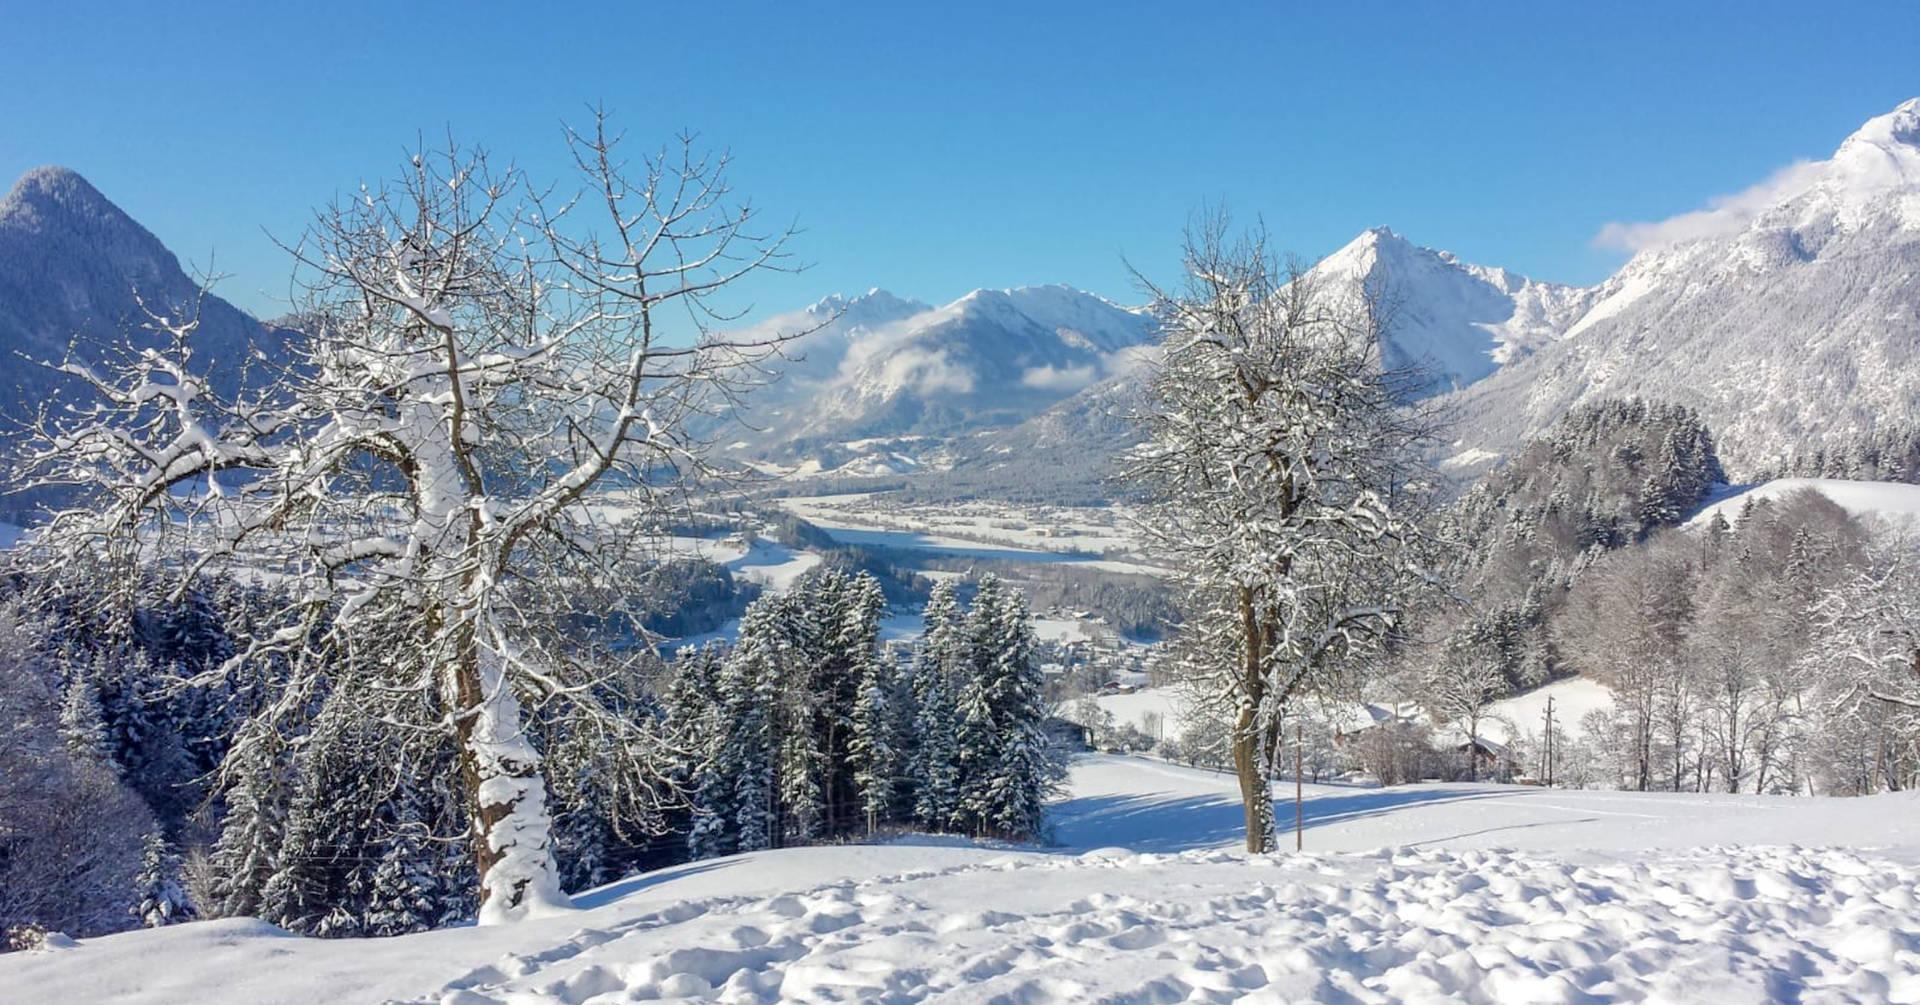 Deine Aussicht bei uns im Winter